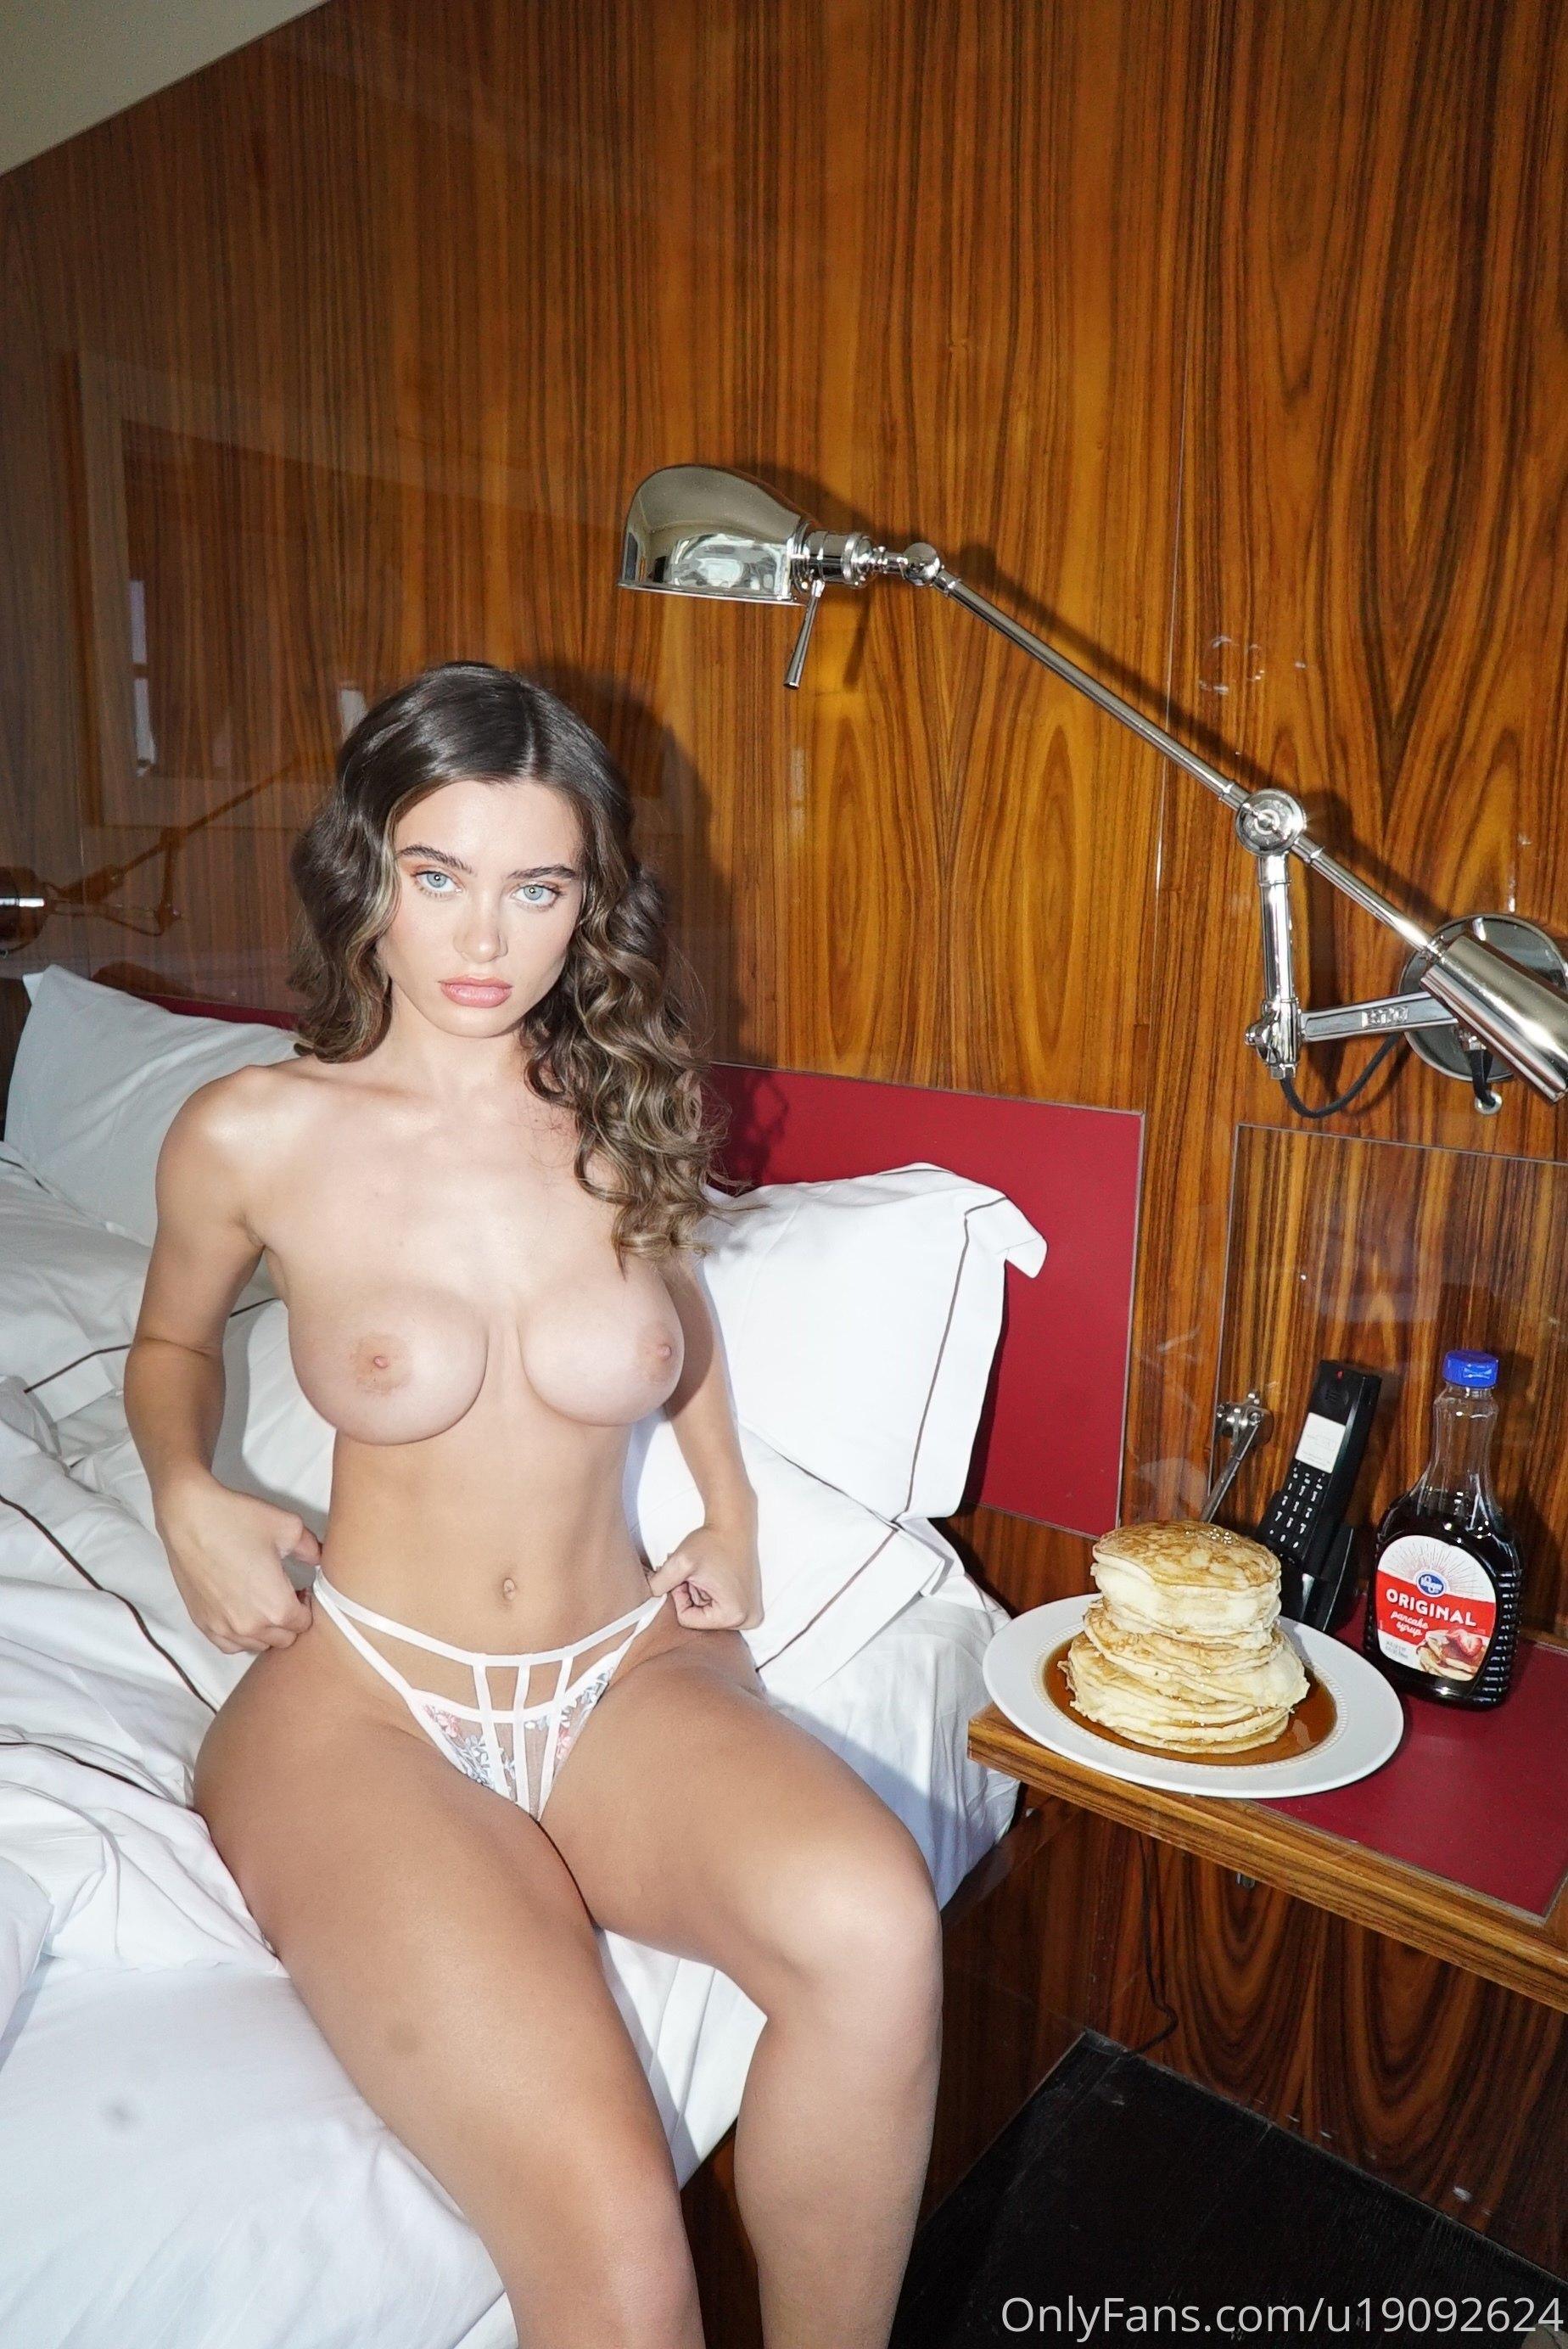 Lana Rhoades, Lanarhoades, Onlyfans Nude Leaks 0001